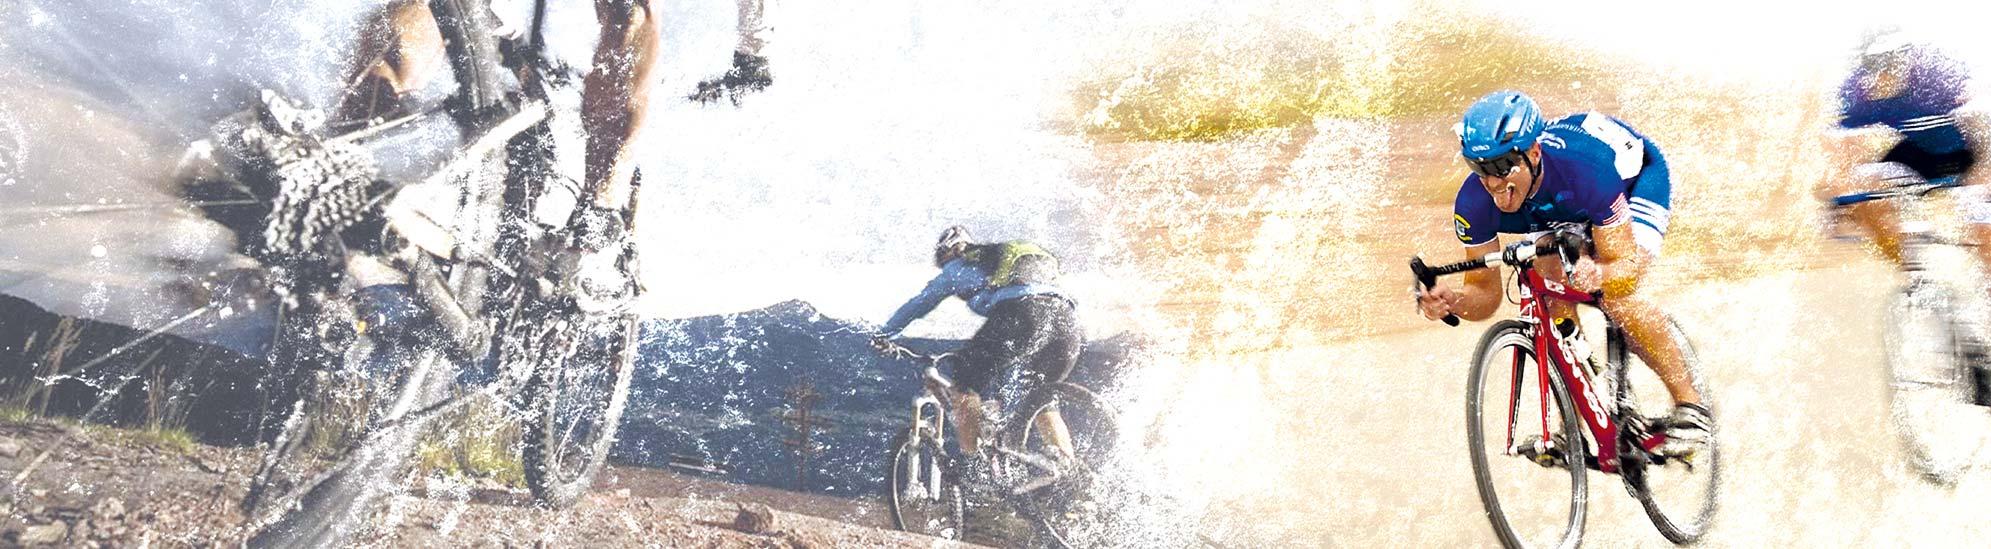 foulard_bike_smotard_02